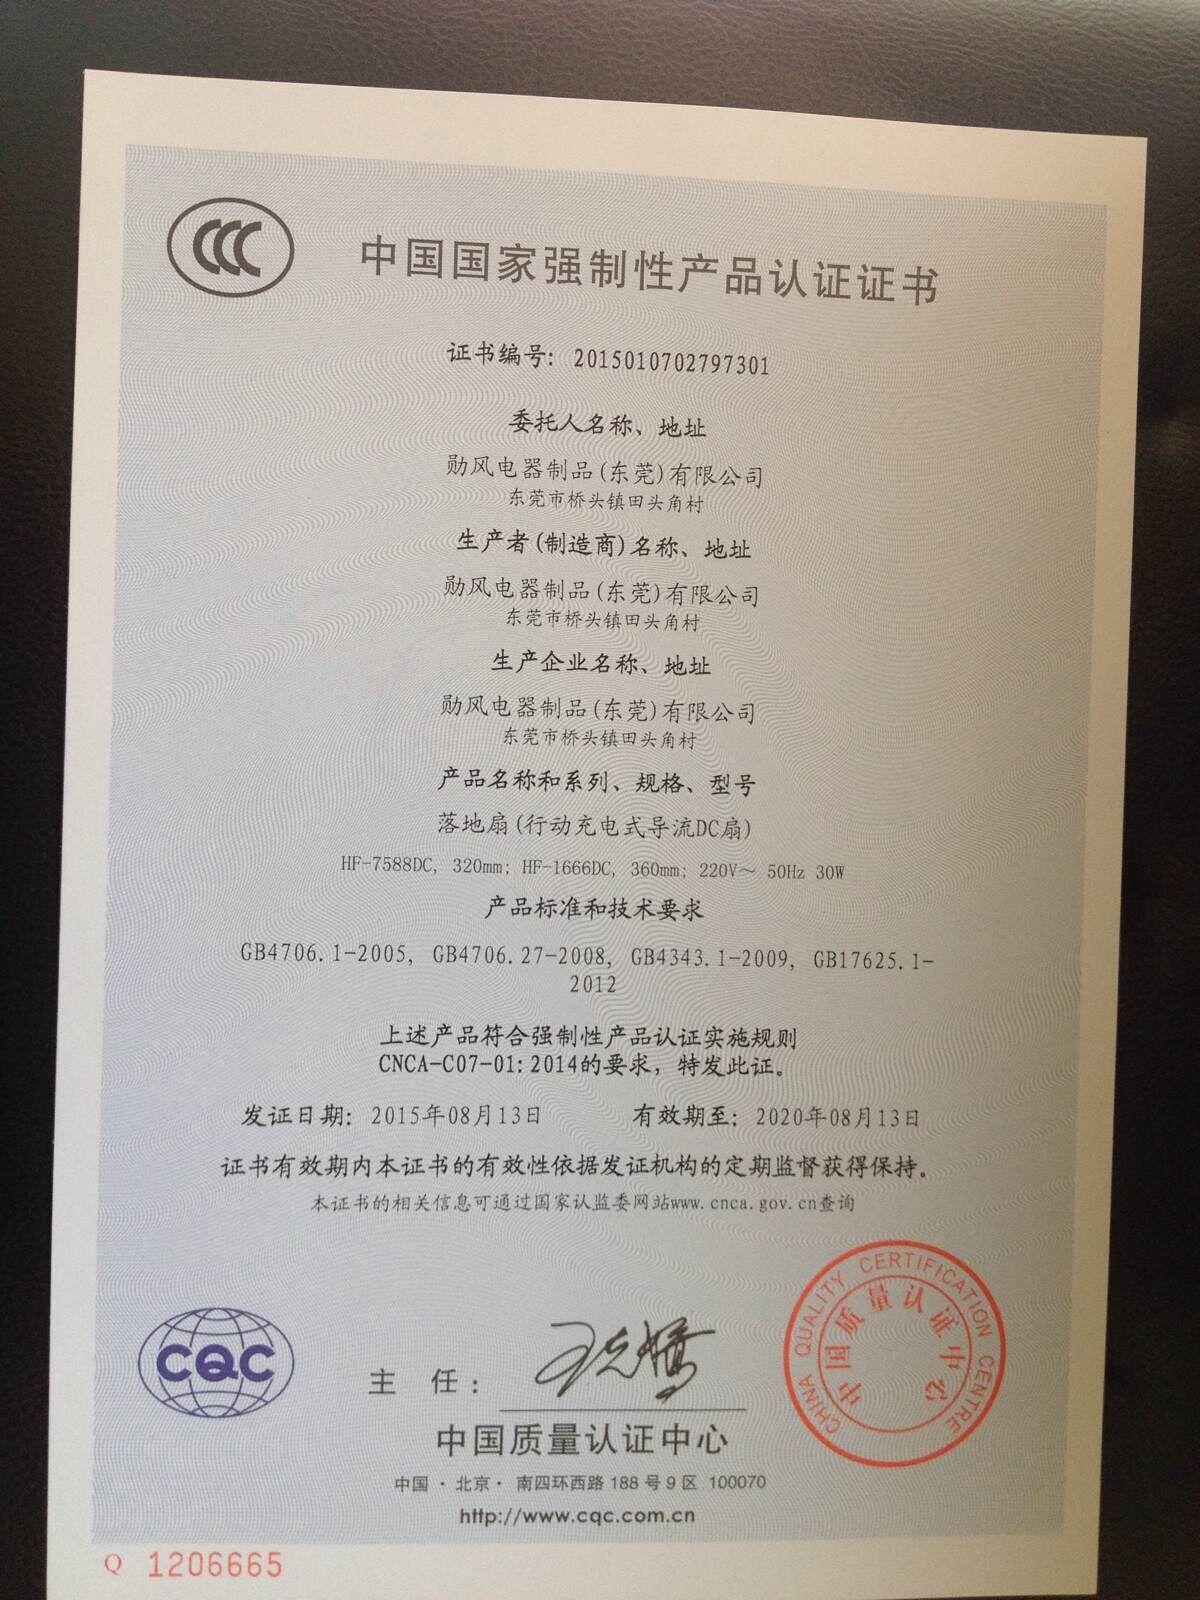 行动充电式 DC 导流扇 CCC 证书